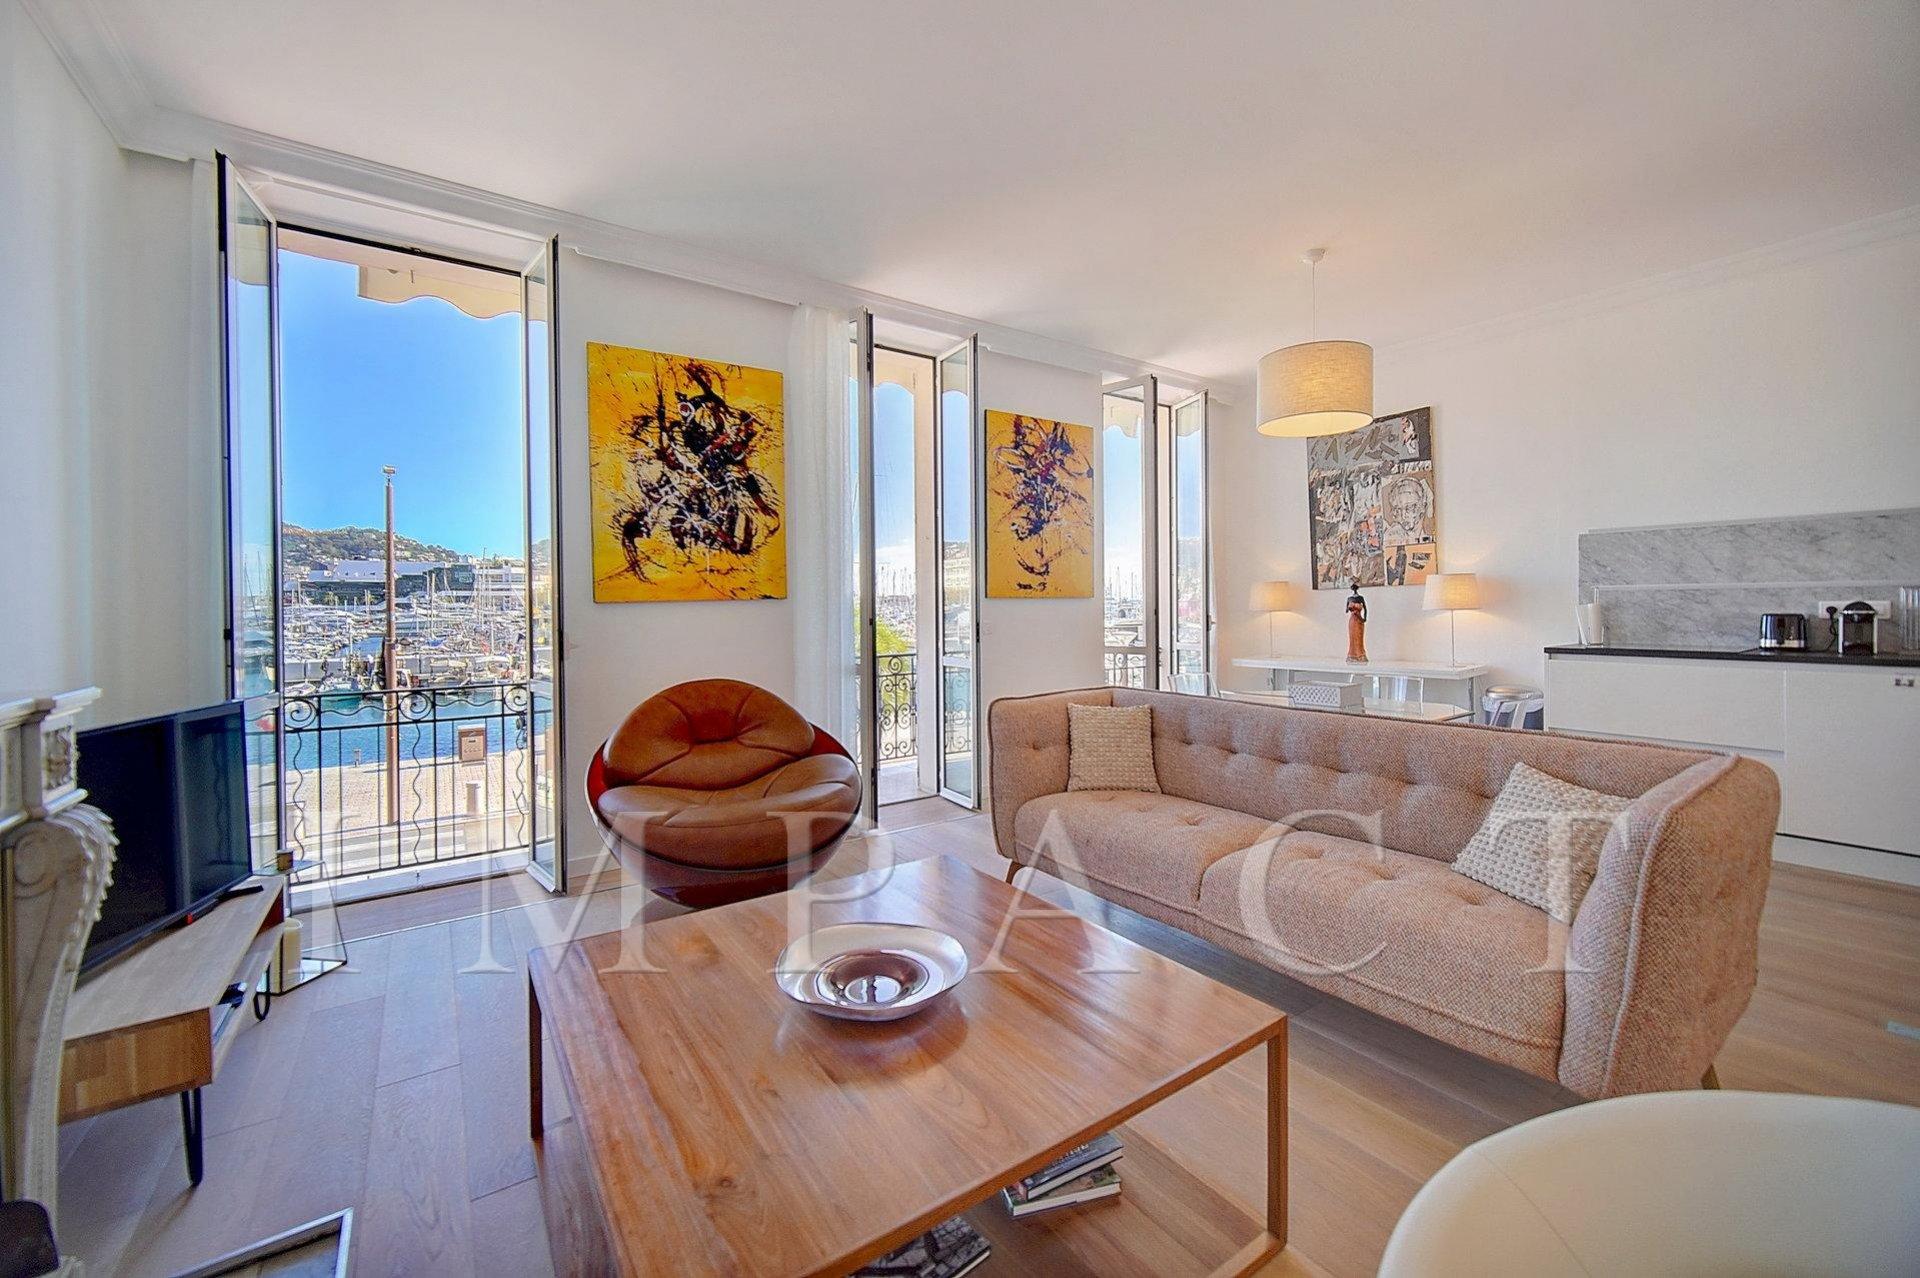 Appartement 2 chambres Location Longue Durée vue vieux port de Cannes